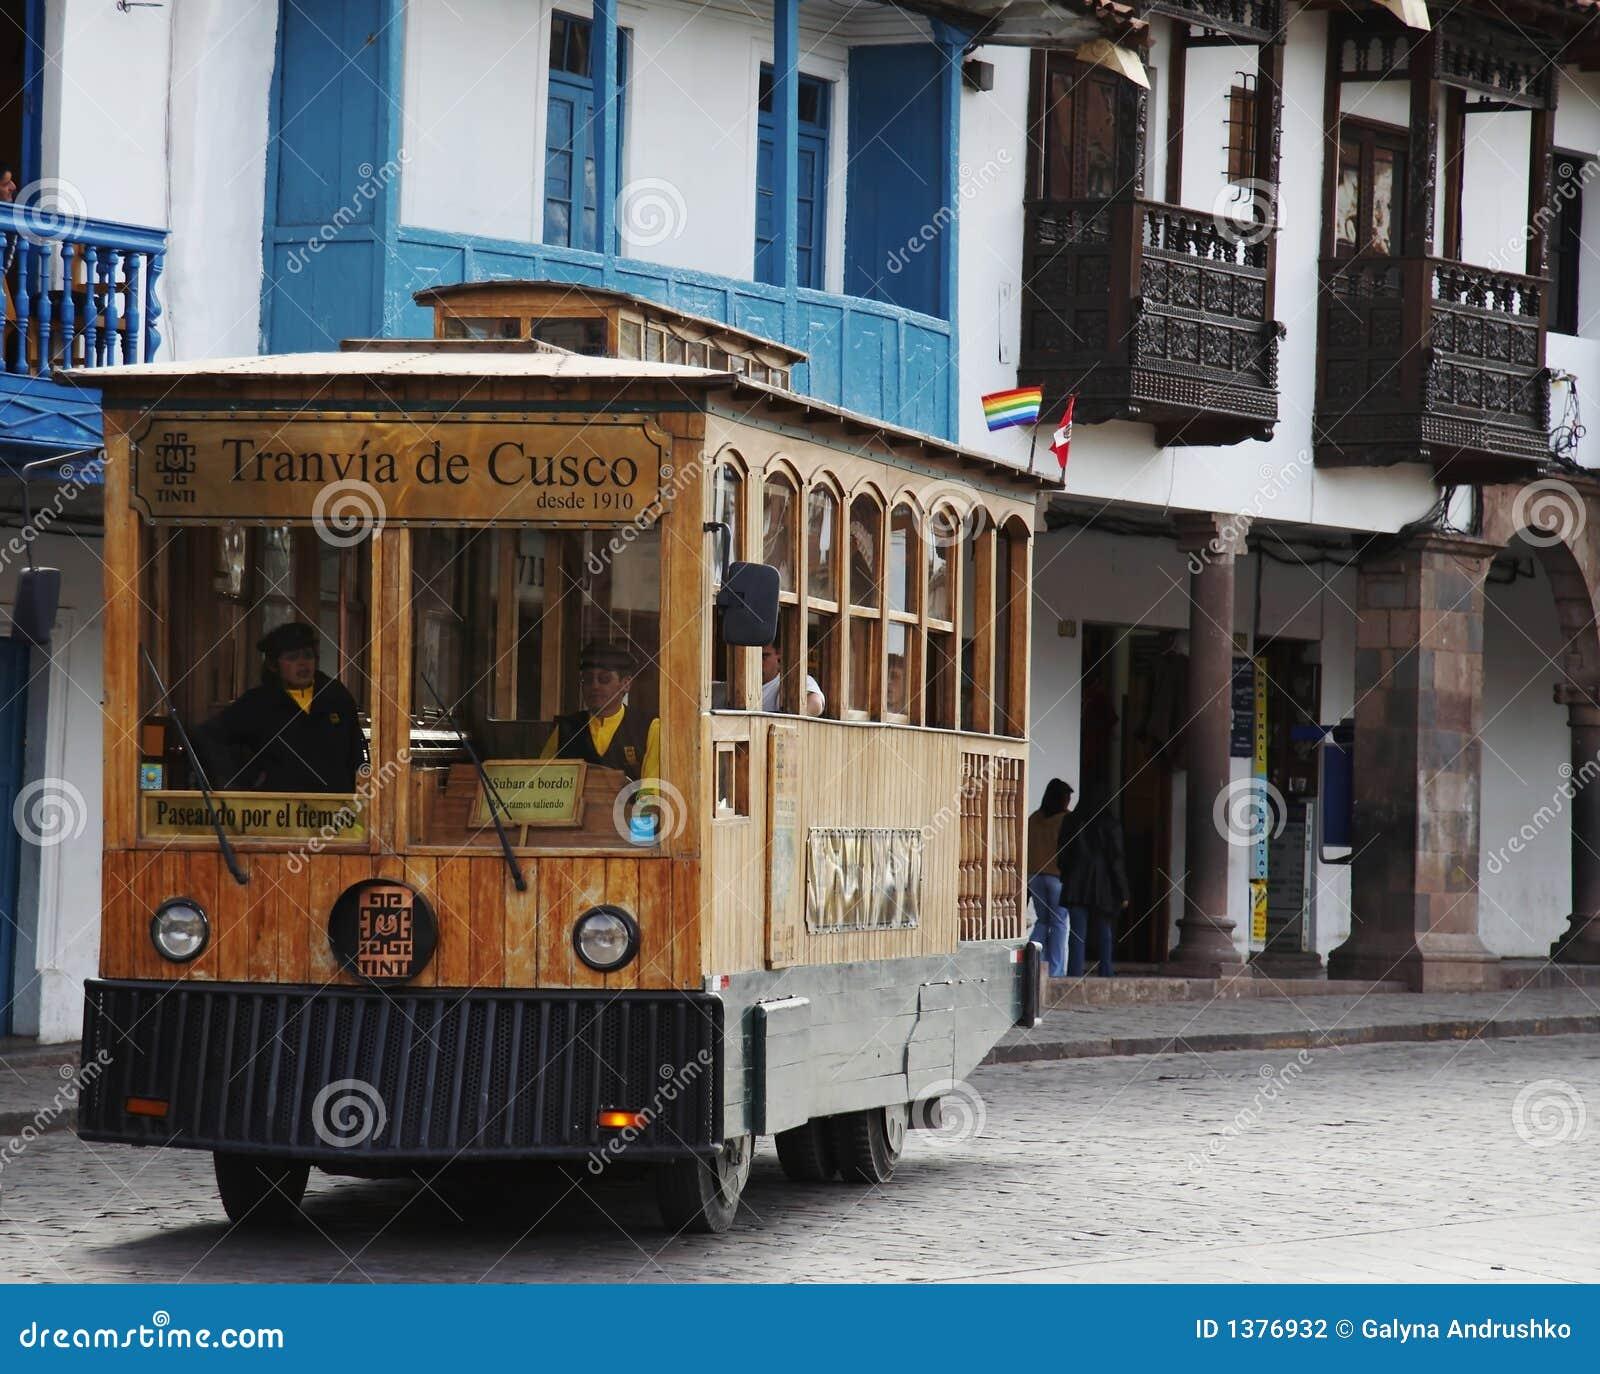 Exkursionsstraßenbahnwagen im Cuzco, Peru